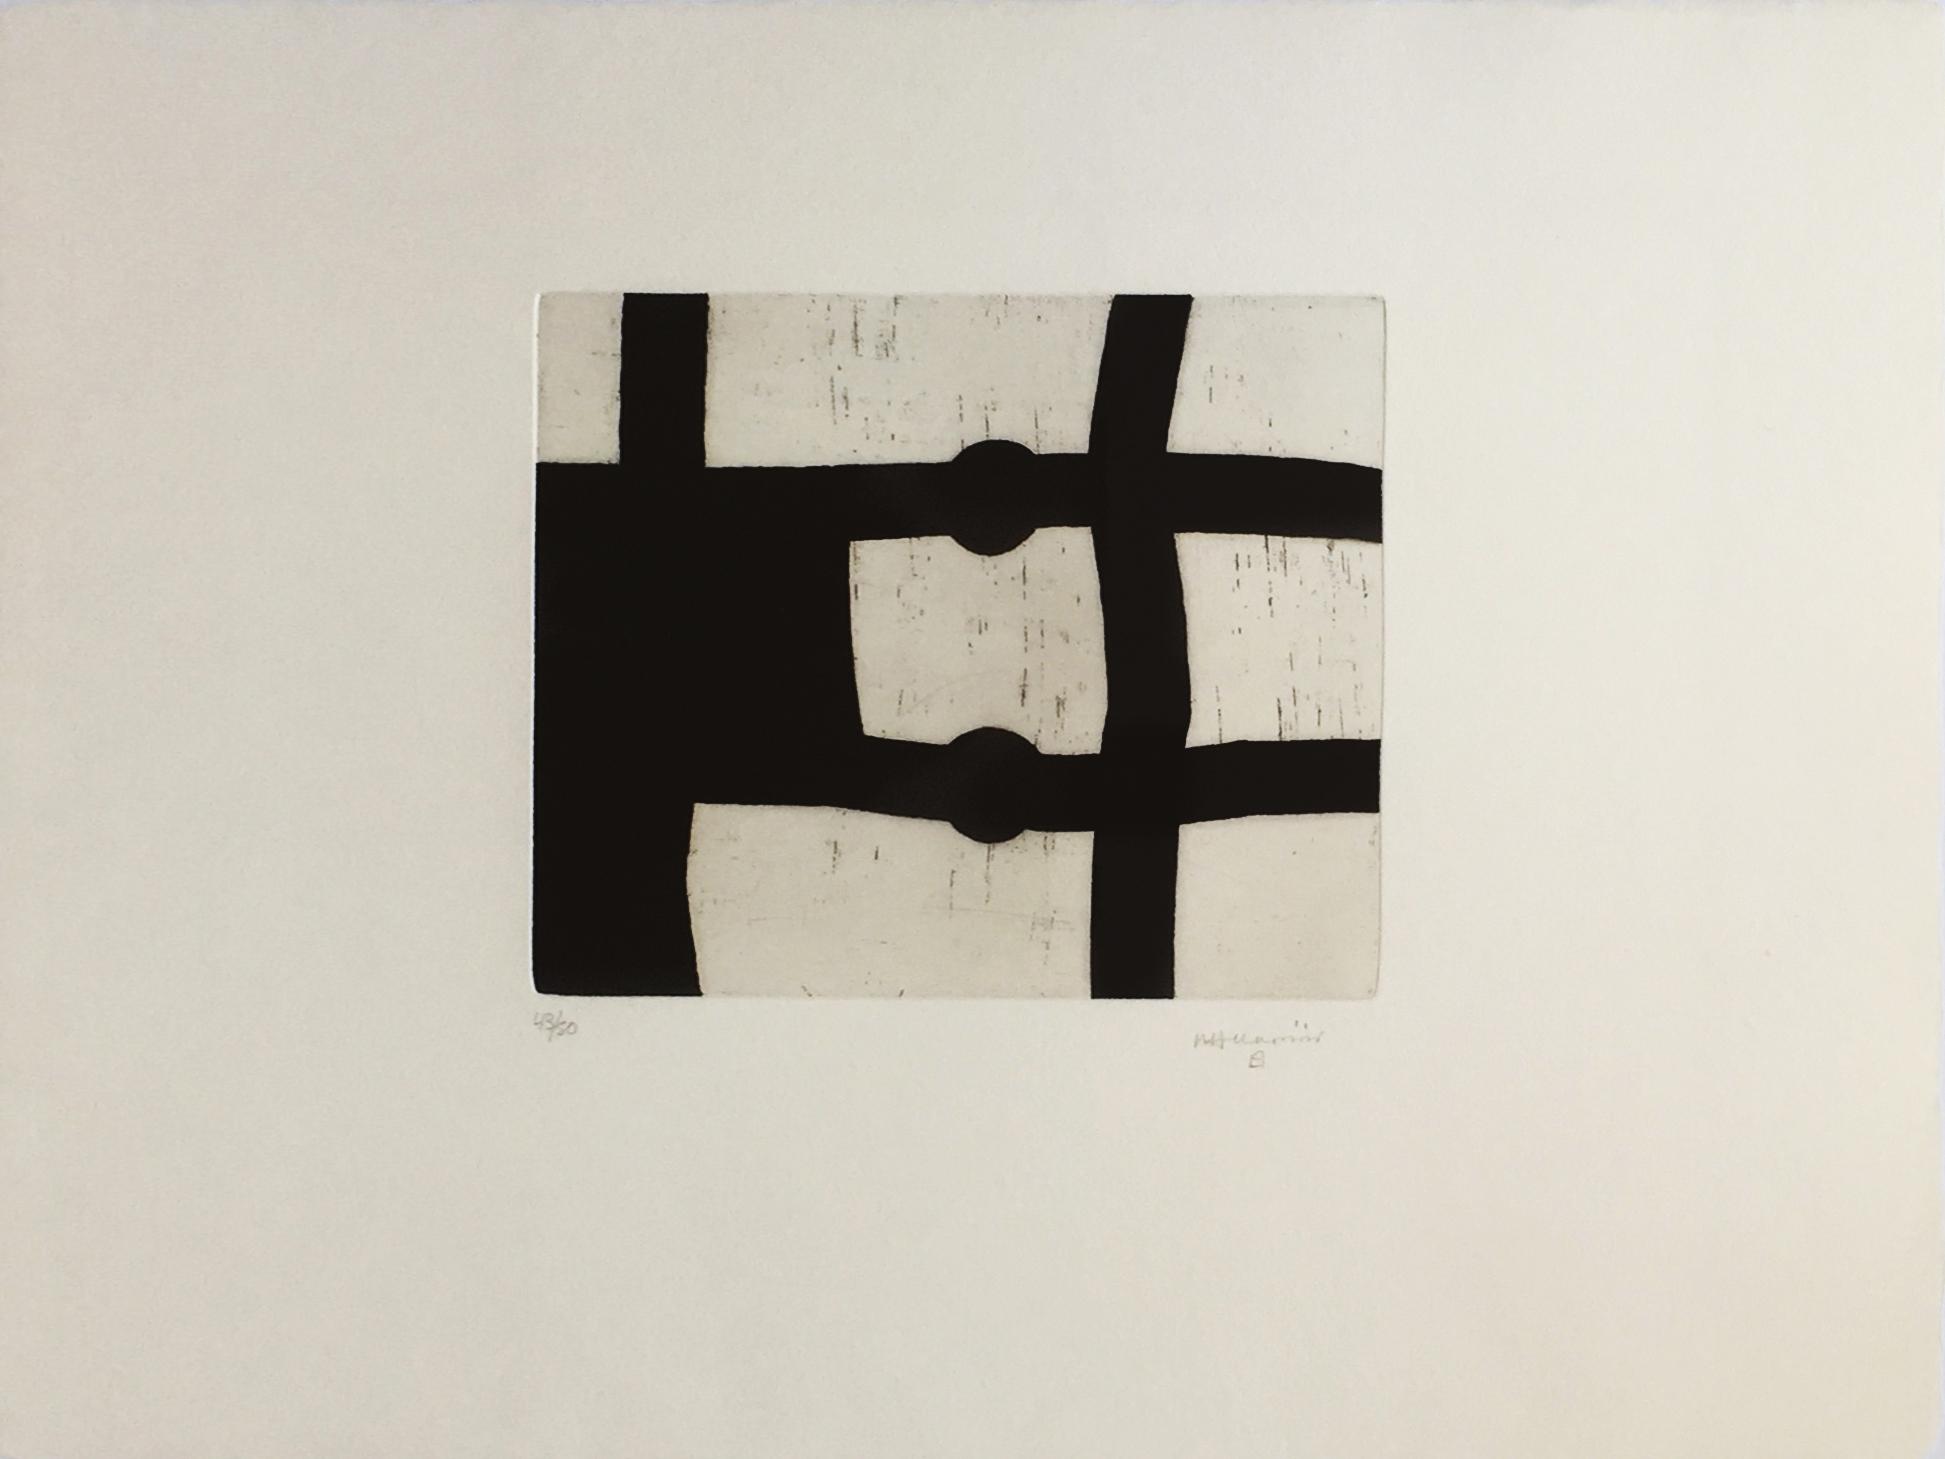 'untitled' (menturatu) by Eduardo Chillida